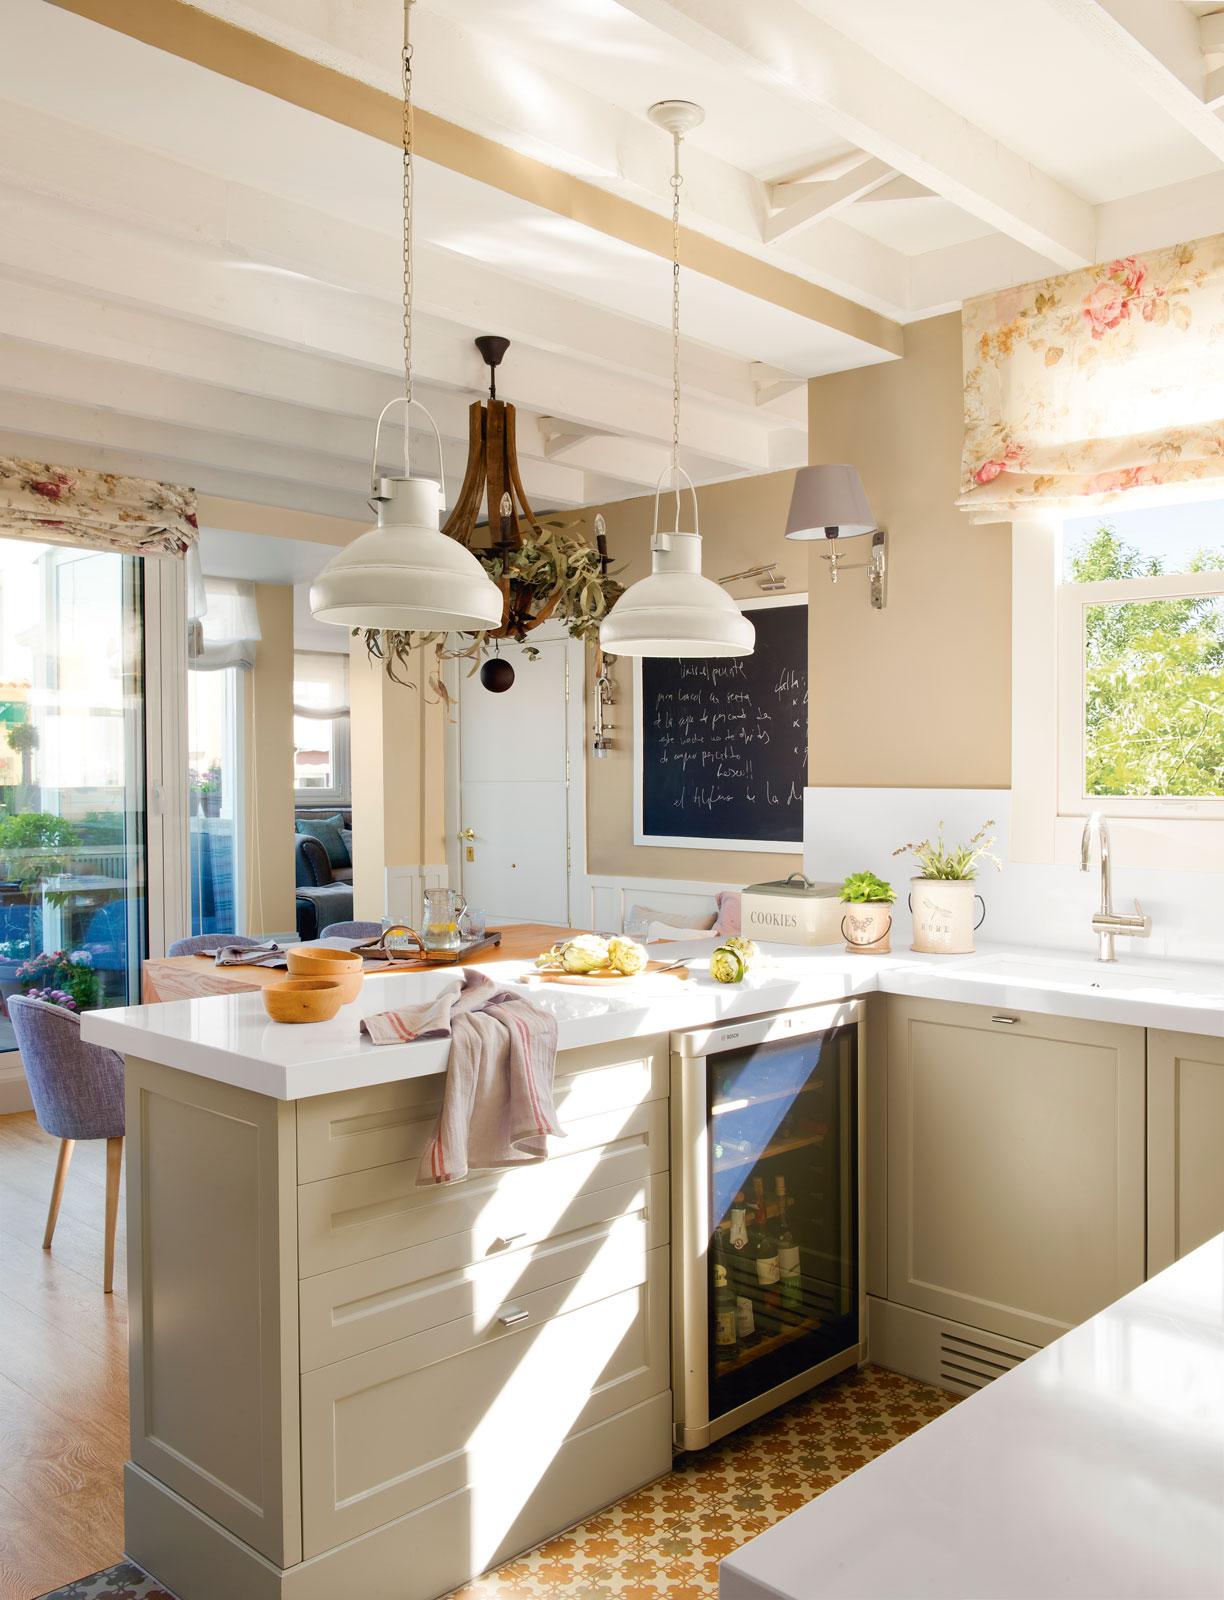 Equipa tu cocina para toda la vida - Cocinas con peninsula ...